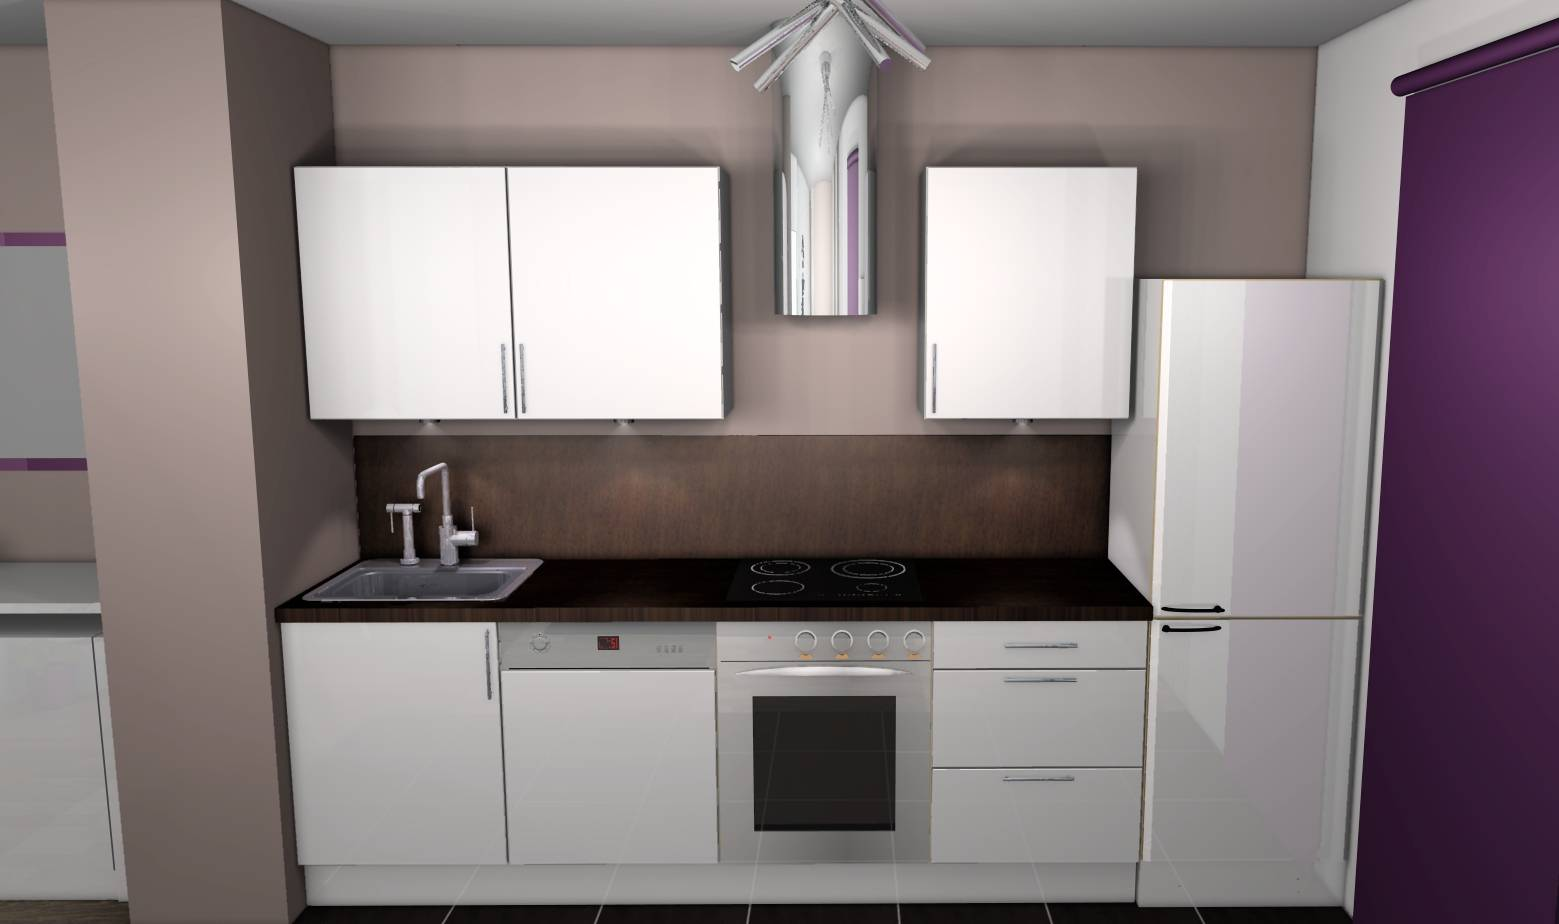 Deco cuisine beige laqué - Atwebster.fr - Maison et mobilier